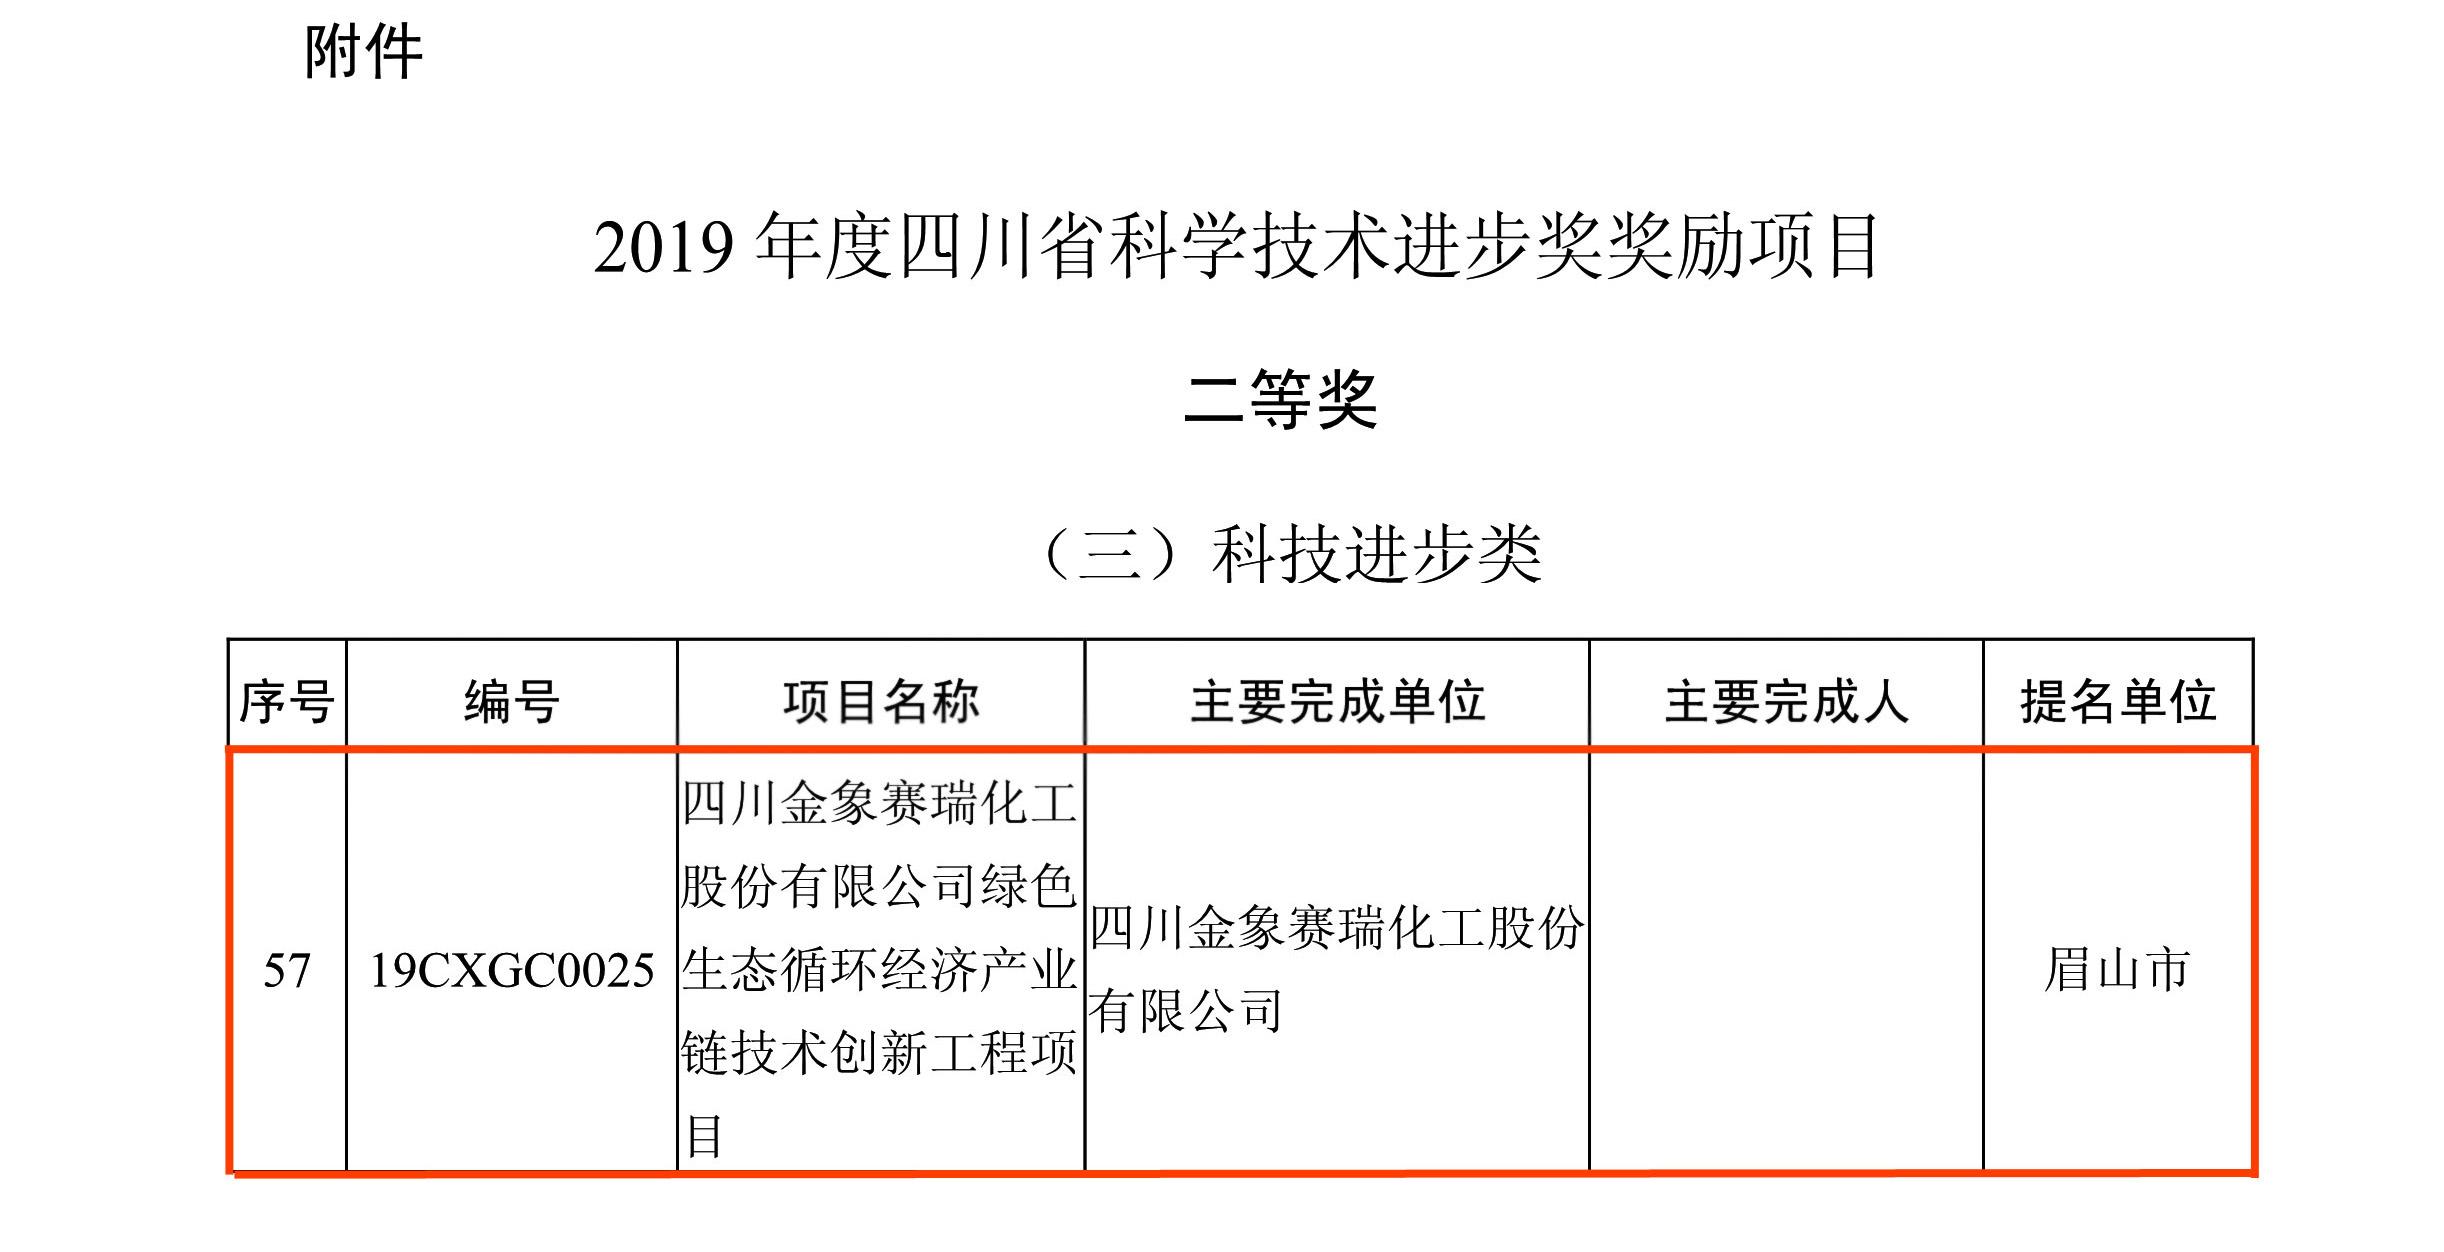 川csgo雷火电竞喜获2019年度四川省科学技术进步二等奖